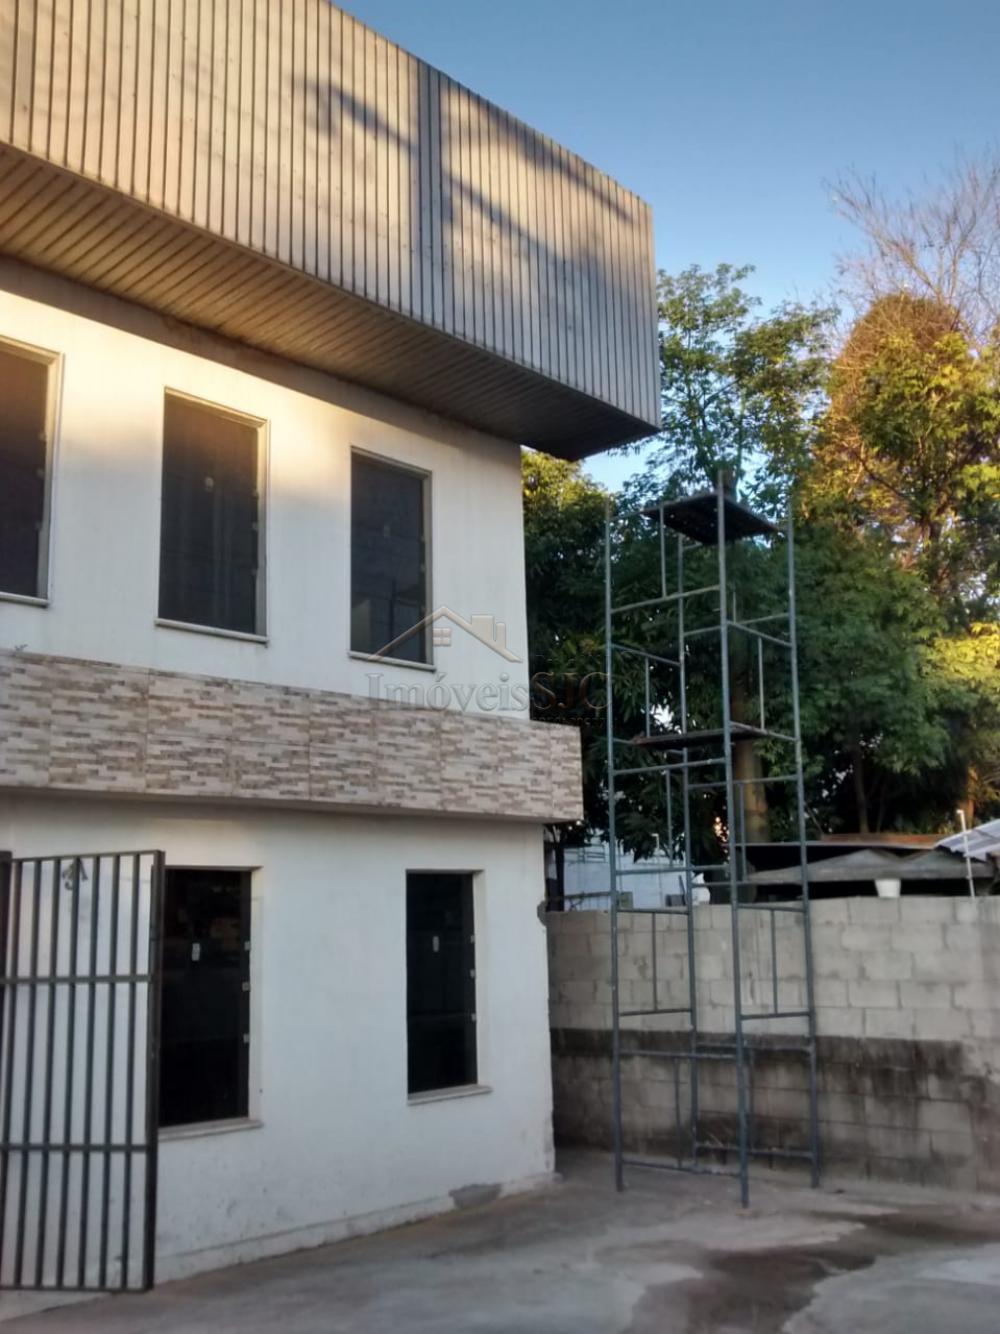 Alugar Comerciais / Prédio Comercial em São José dos Campos apenas R$ 8.000,00 - Foto 1